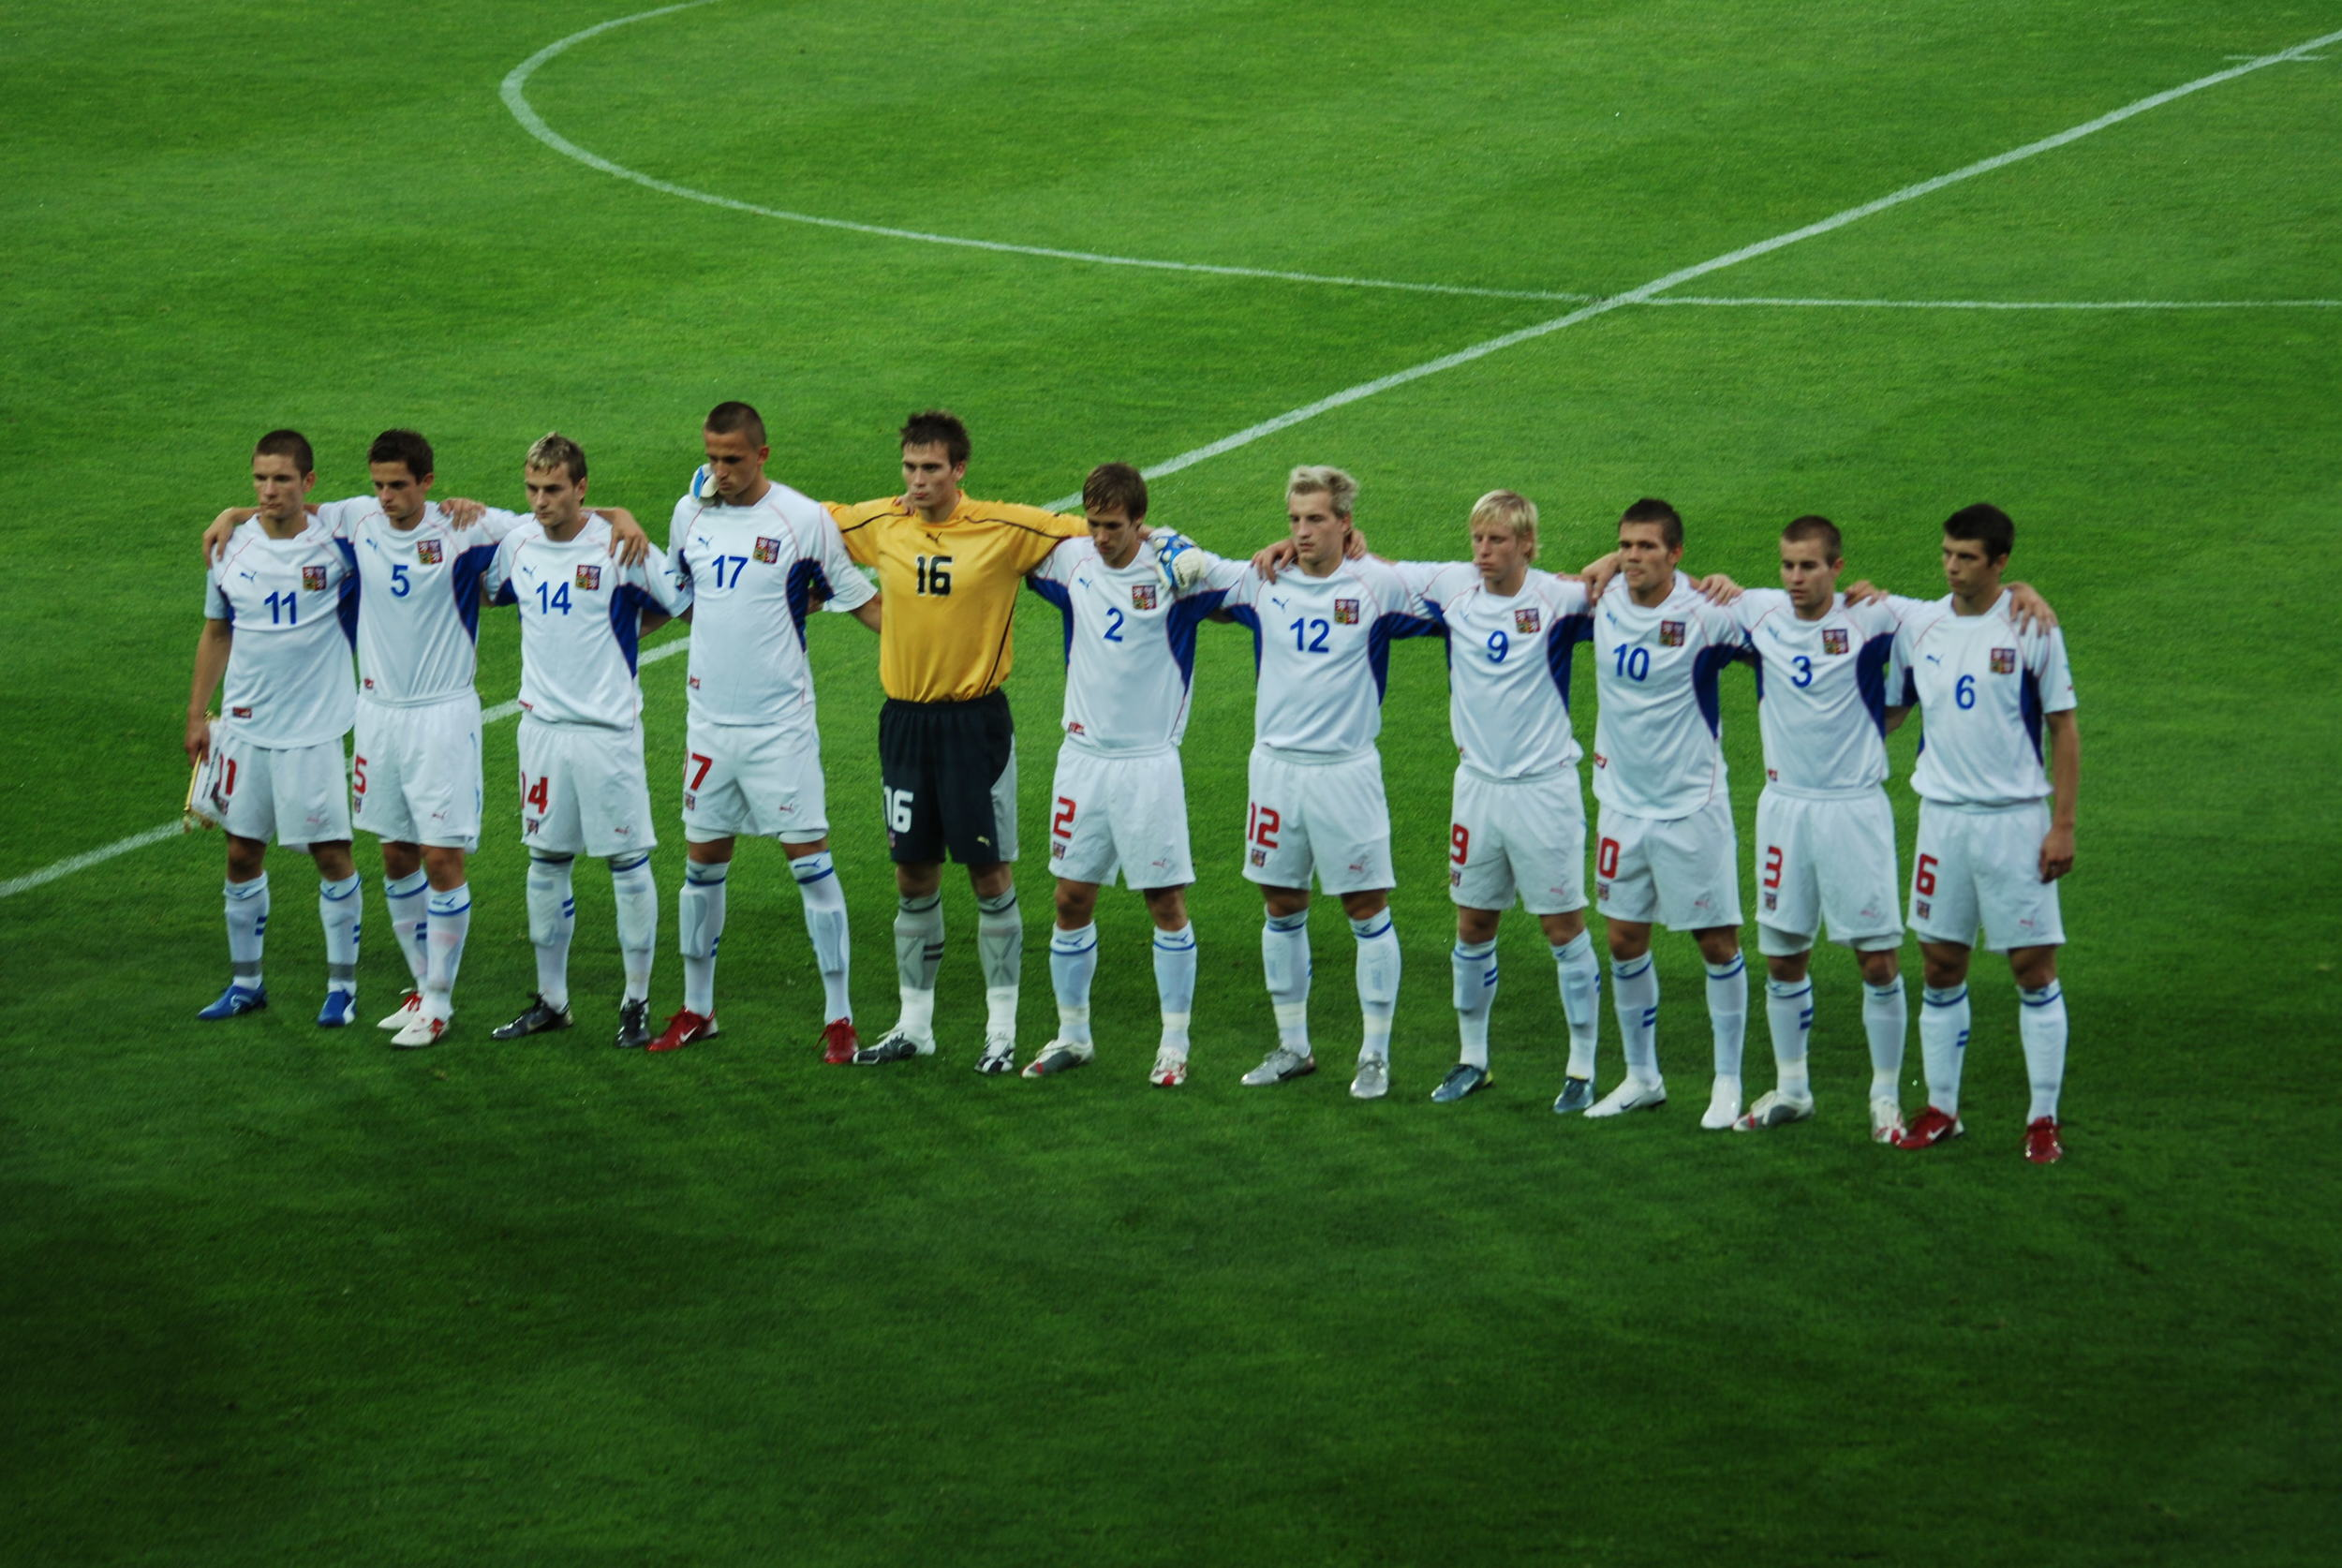 Czech_national_football_team_U21_2007.JPG